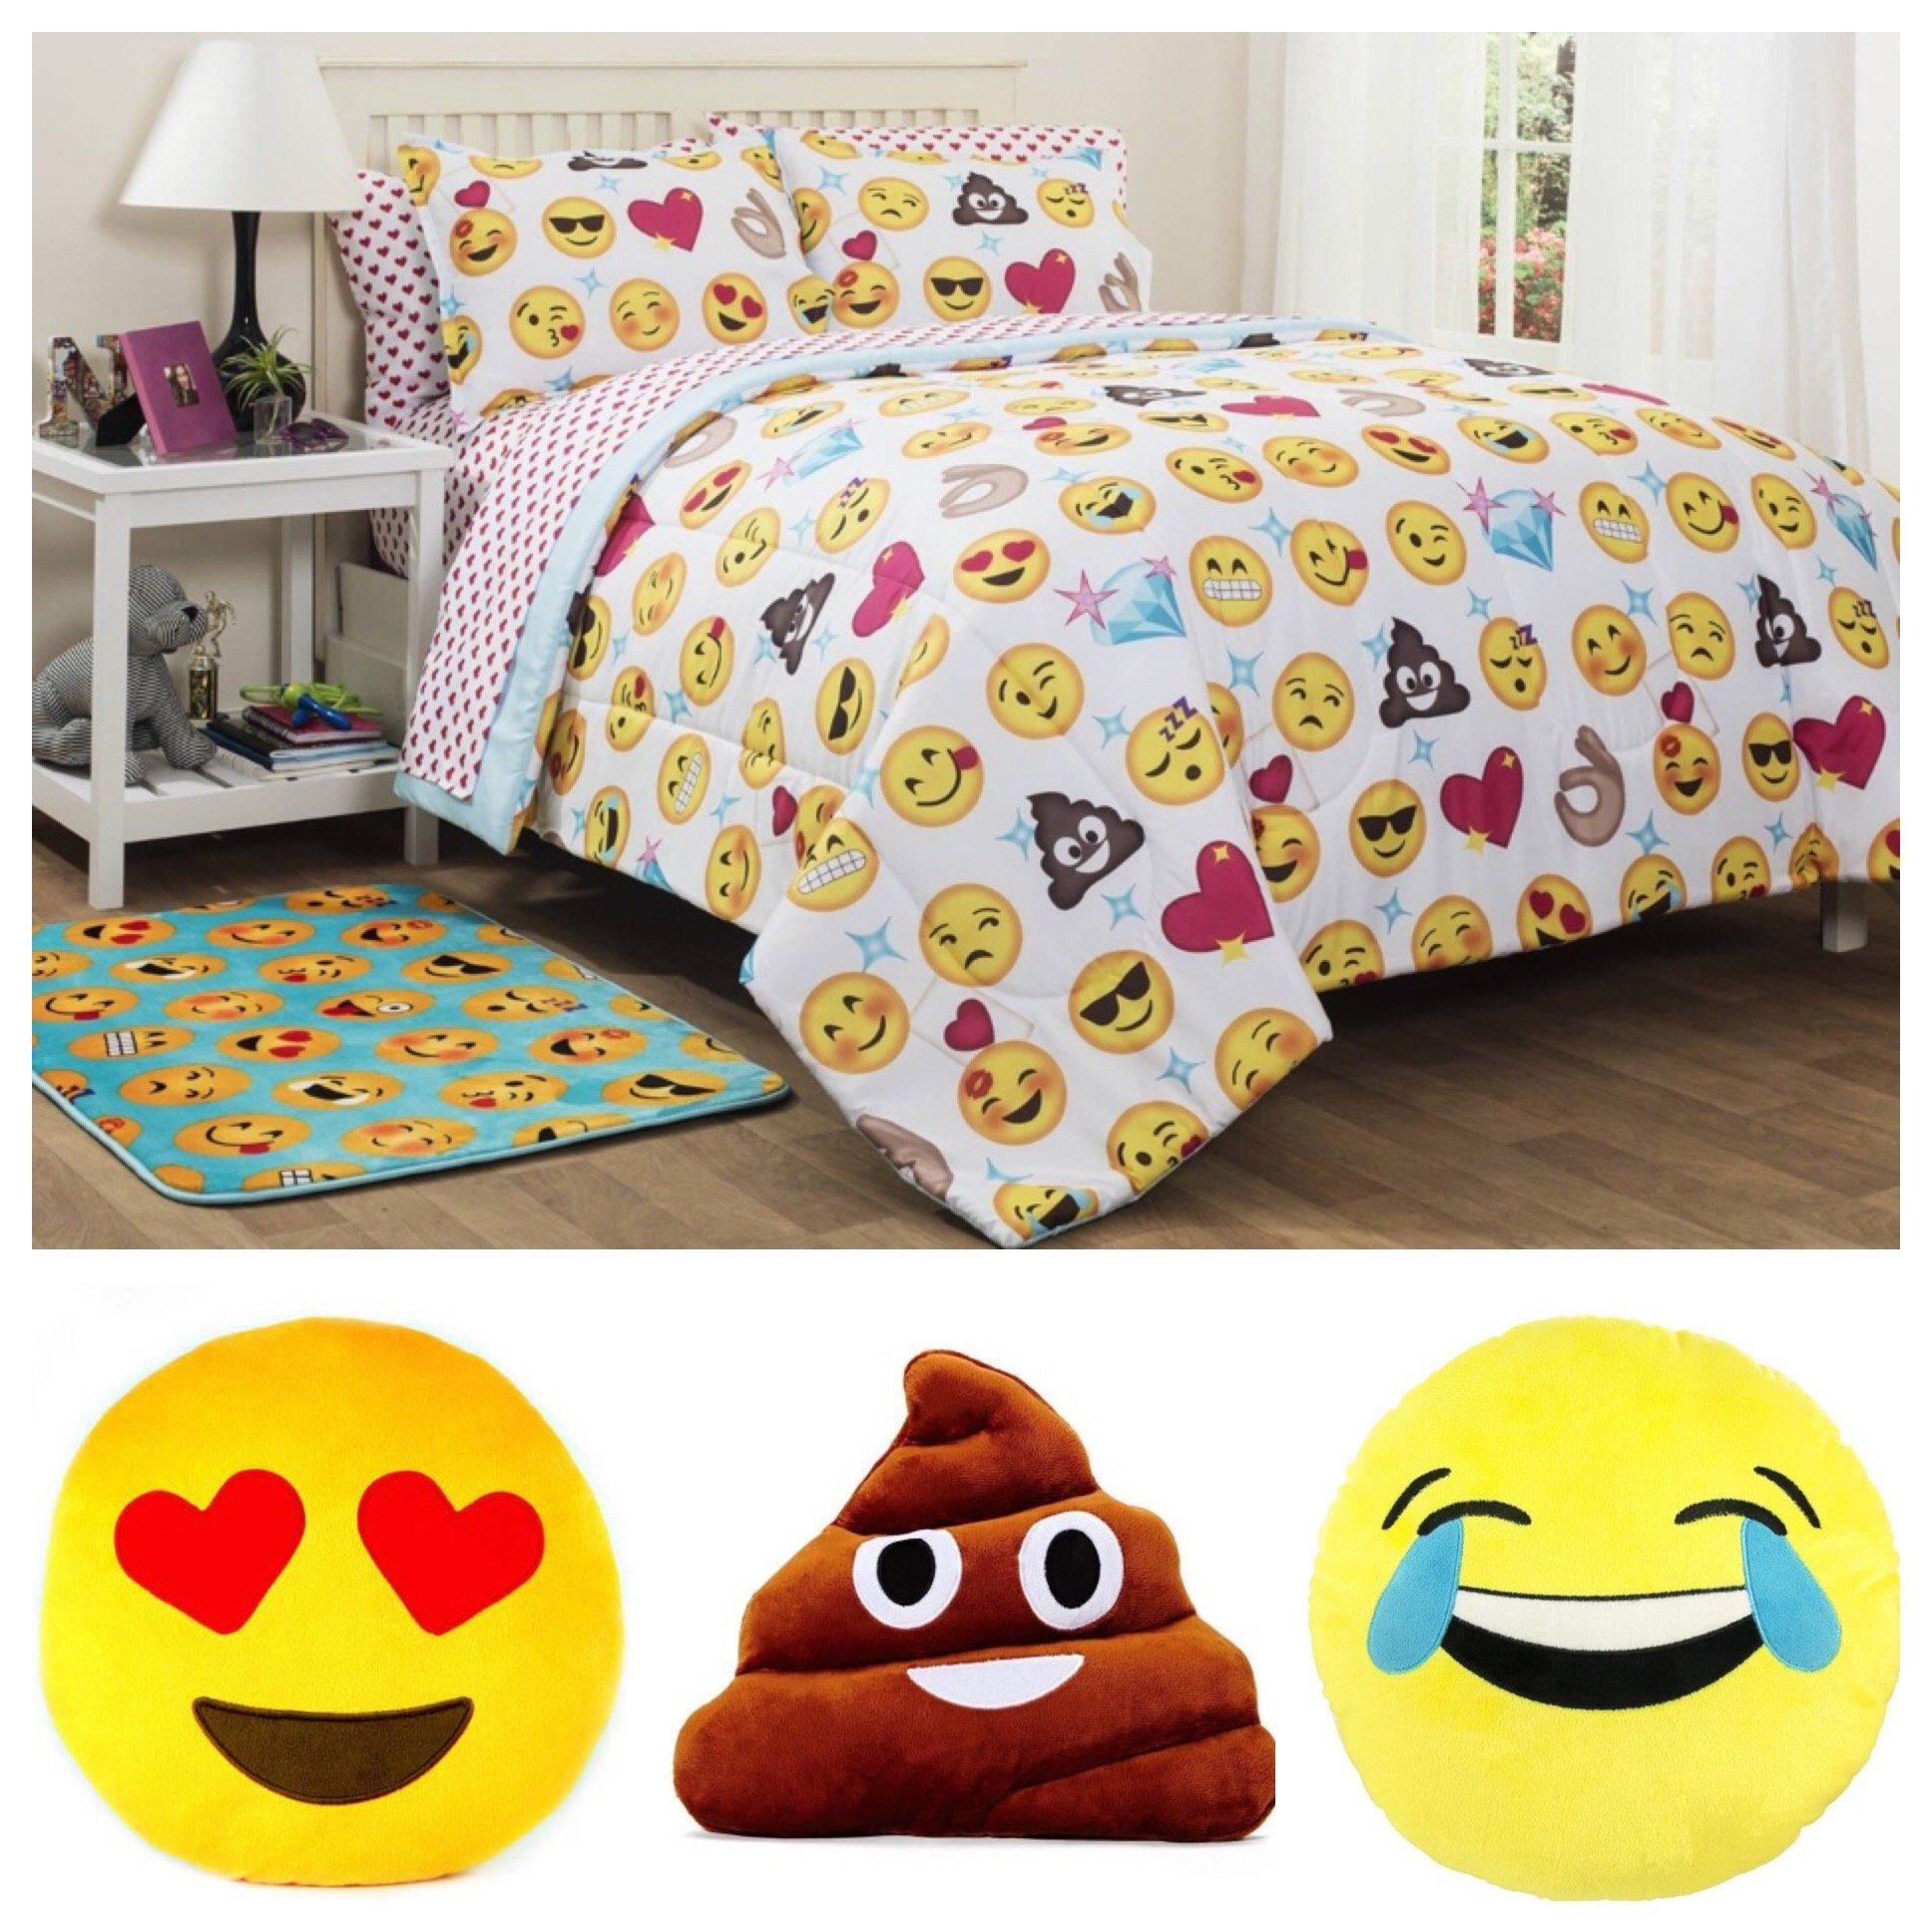 Emoji 女童 10 件套床上用品被子套装 - 双人床